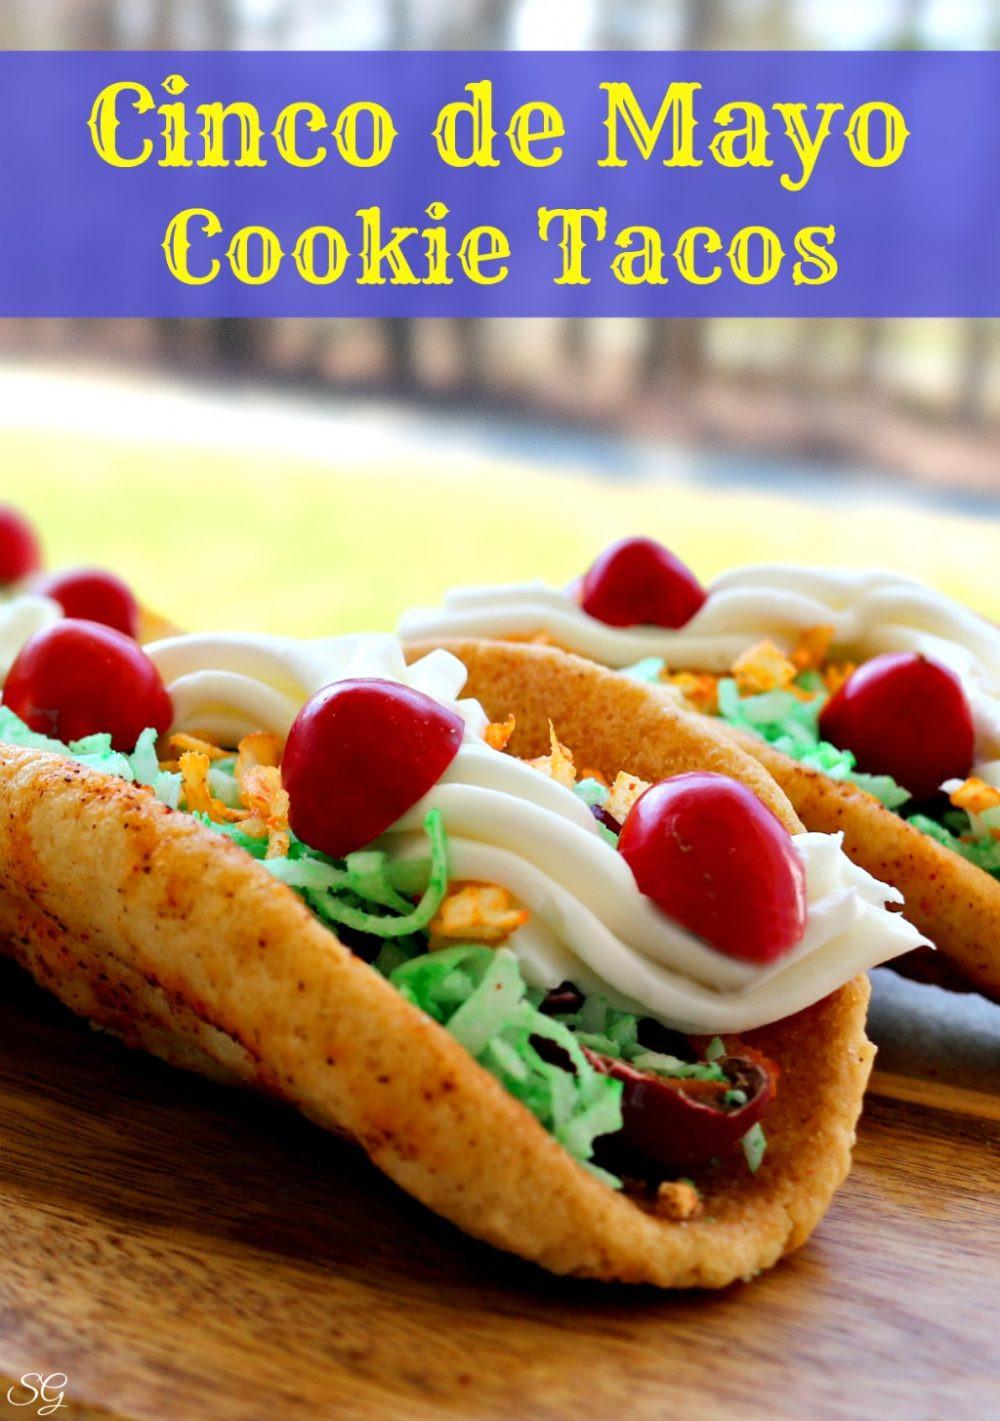 Cinco De Mayo Dessert Recipes  Taco Cookies for Cinco de Mayo Scrappy Geek